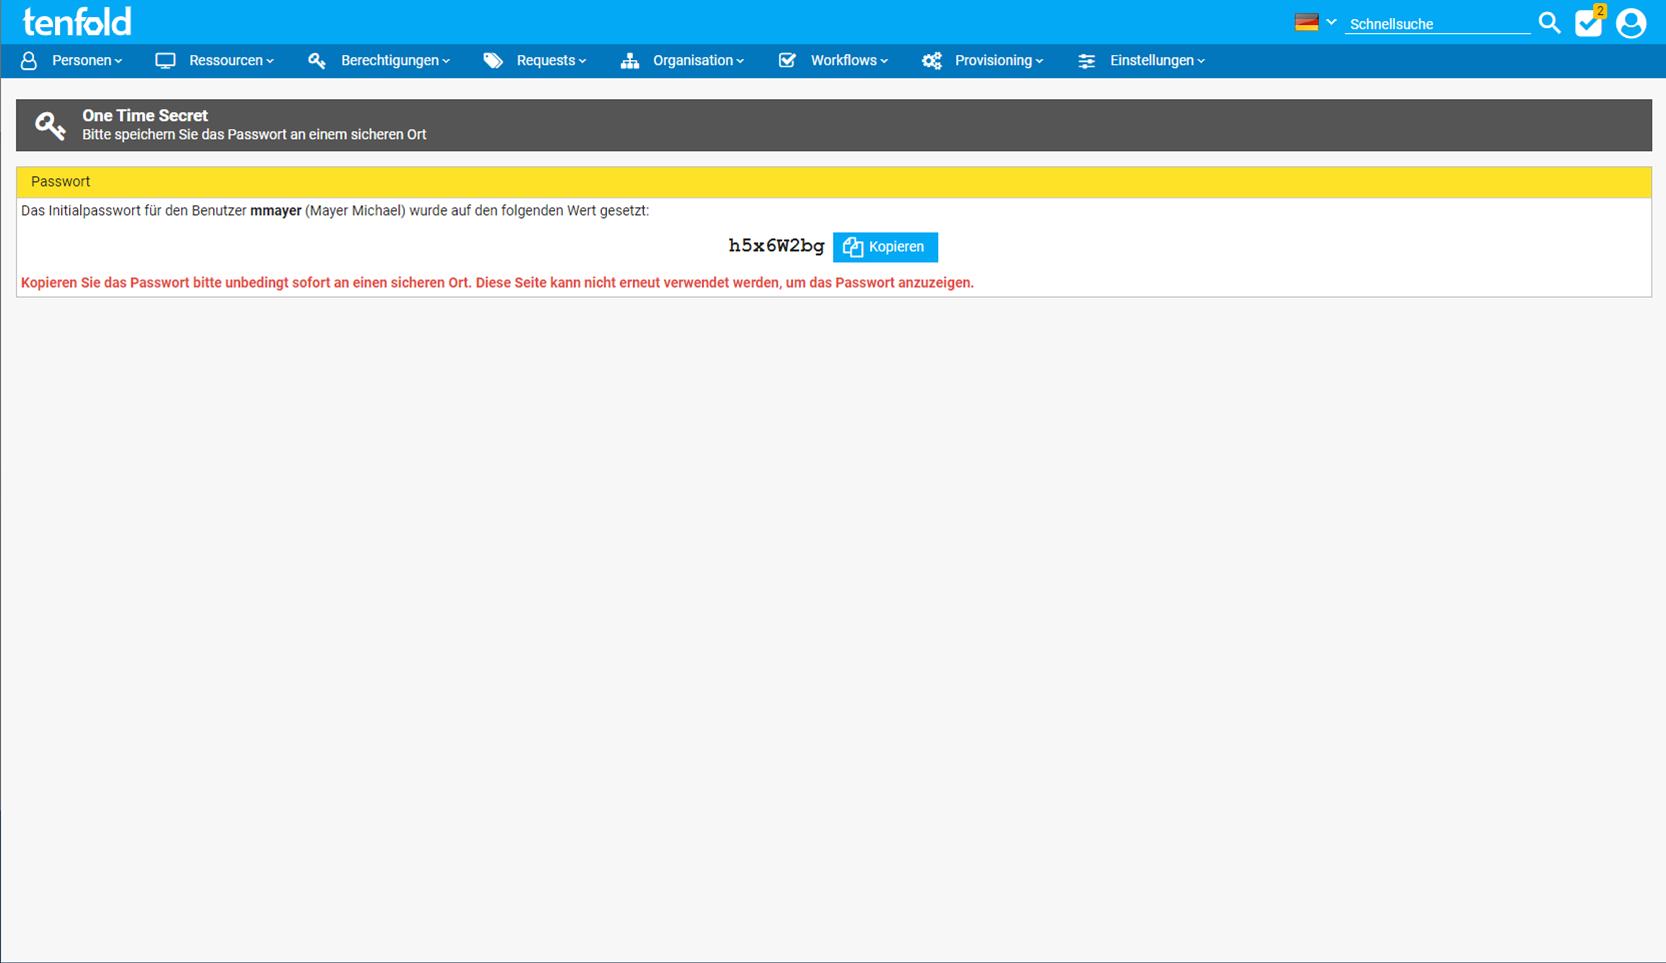 Screenshot der Access Management Software tenfold, auf dem die Benutzeroberfläche für die Übermittlung des Initialpasswortes nach dem One-time-secret-mechanismus zu sehen ist.